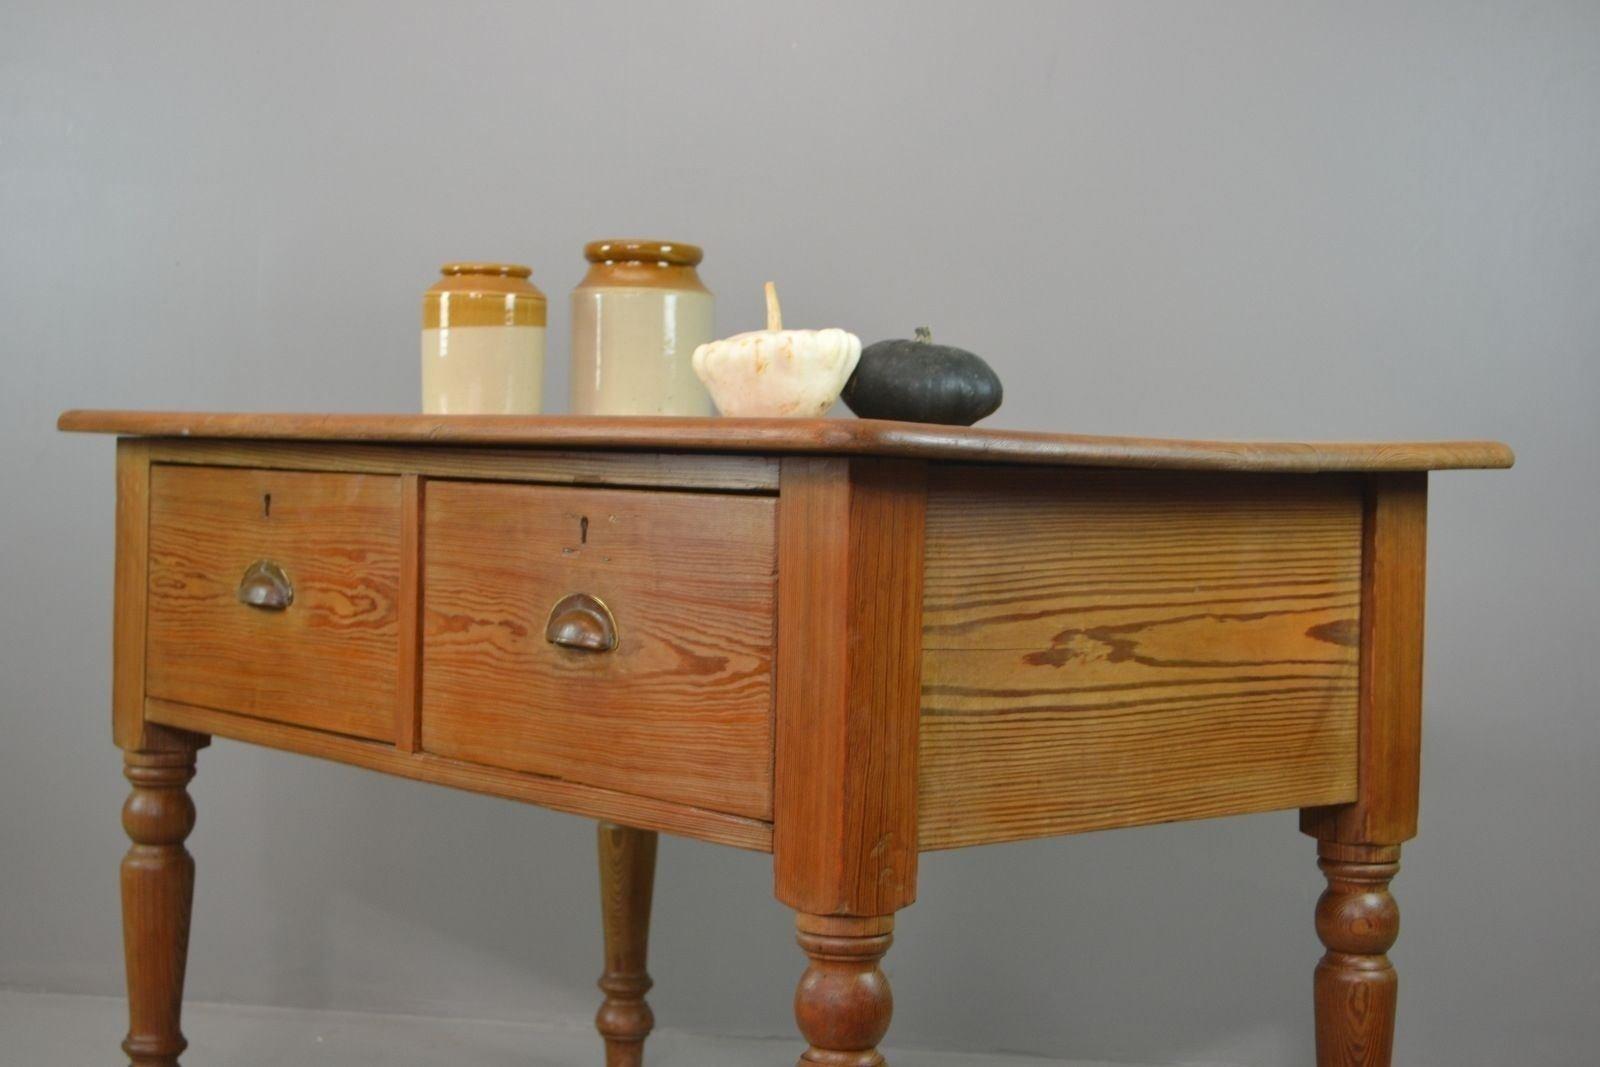 Tavolo rustico antico da cucina in pino in vendita su Pamono